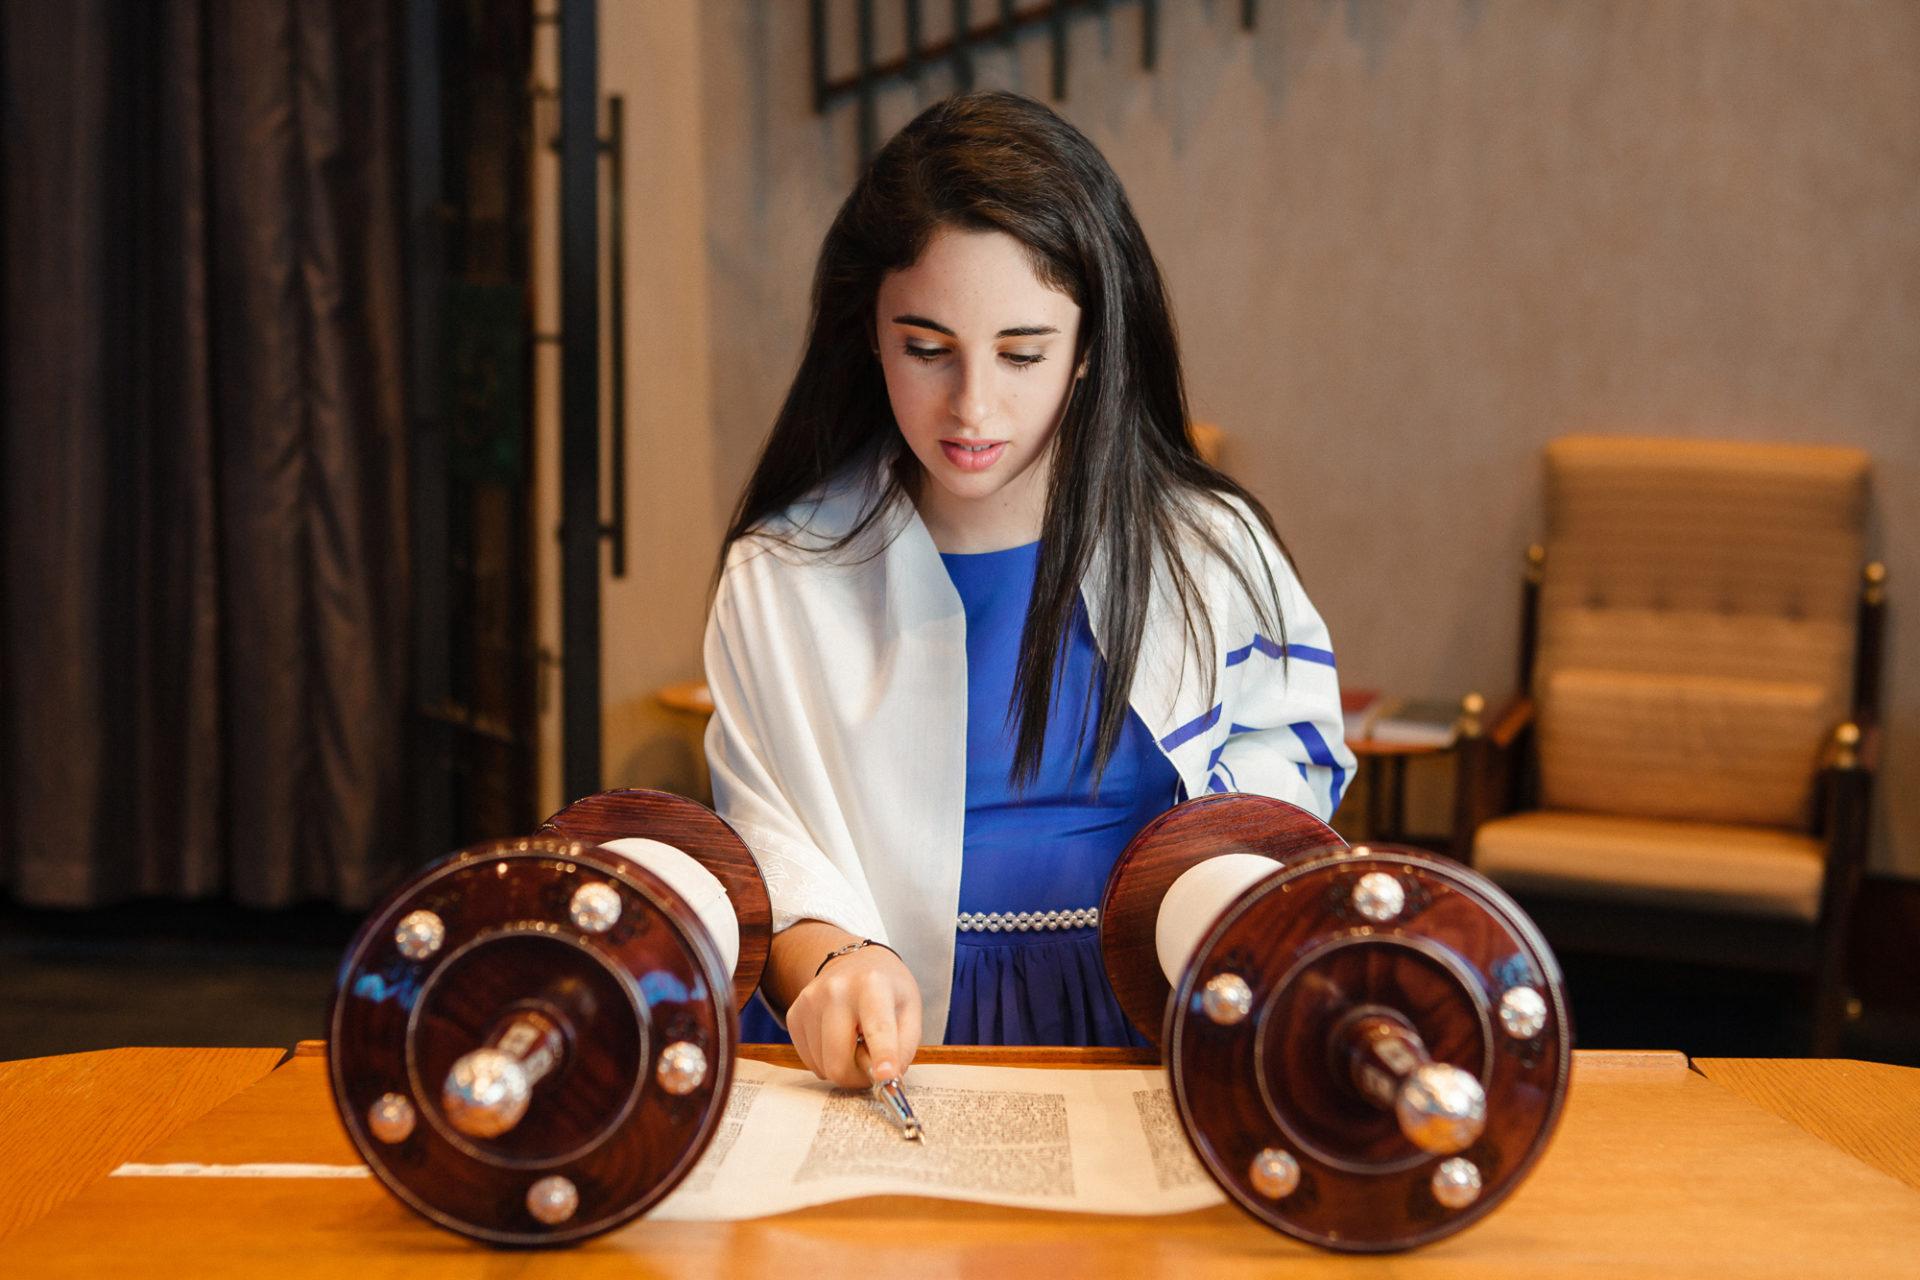 上图:一个犹太女孩在成为「诫命之女 Bat Mitzvah」的成人礼上诵读经文,她的身上披着祷告巾( Tallit)。犹太教女孩到了12岁,在律法上就和成年人有同样的权利和义务,被称为「诫命之女」。犹太女孩在成人礼之前,由父母在神面前为自己的行为负责,而在成人礼之后,必须自己向神负责。因此,只有「诫命之女」,才可以「向耶和华许愿,要约束自己」(民三十3)。